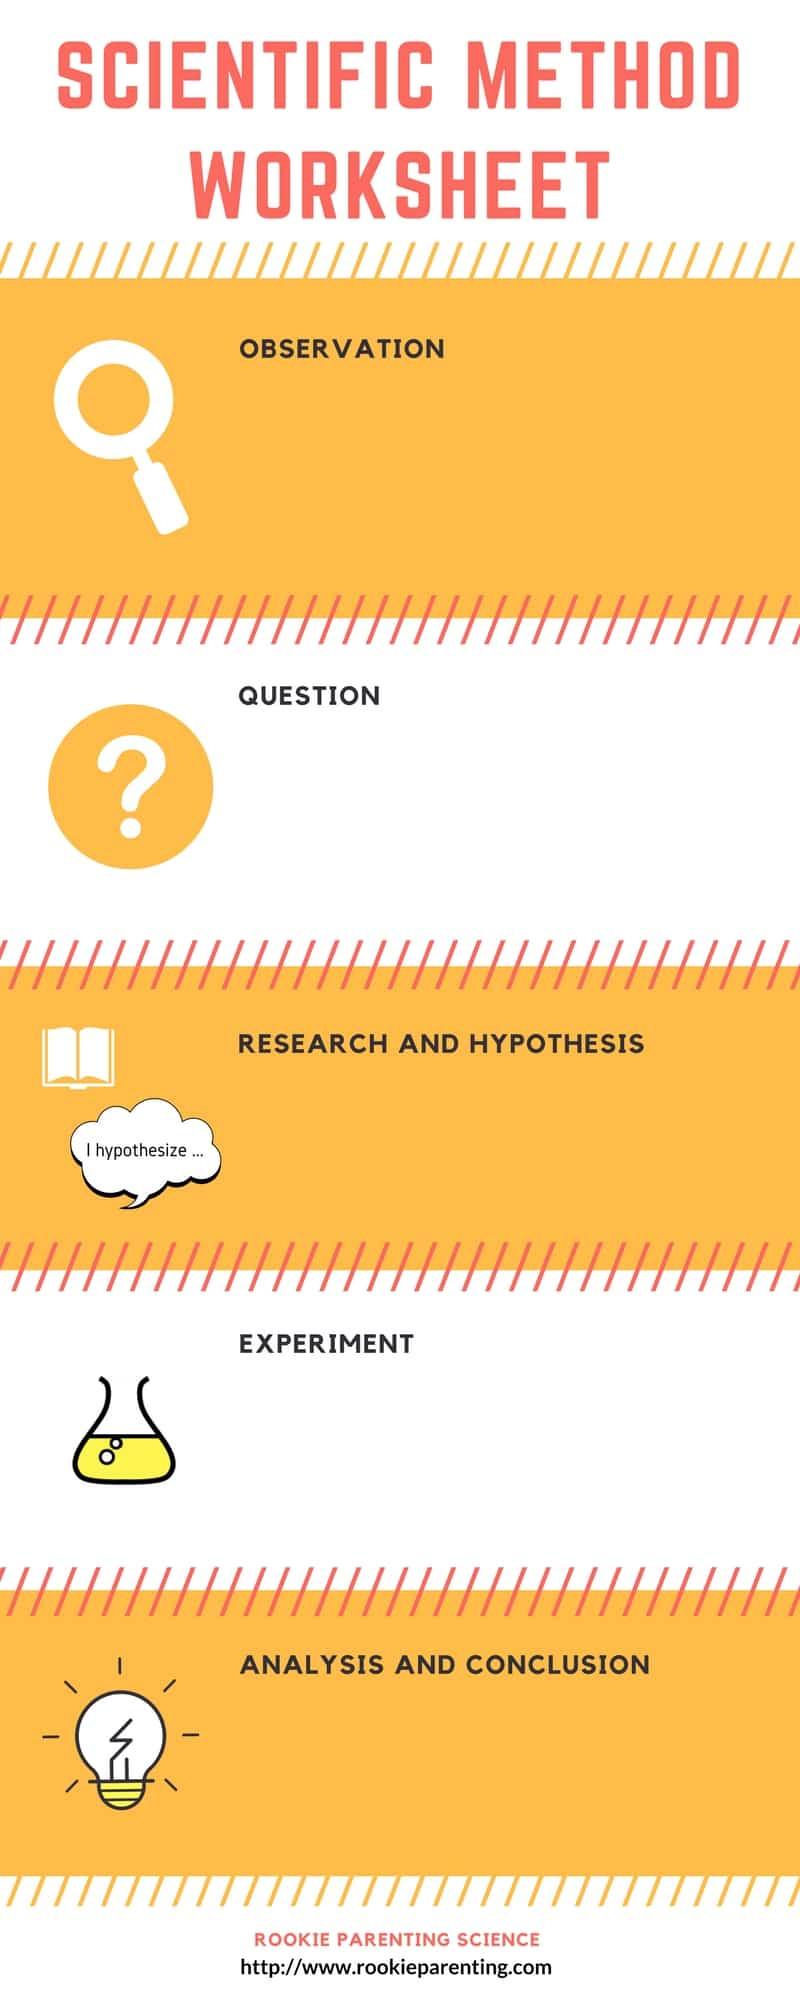 Scientific Method Steps Worksheet Scientific Method Worksheet Template & Example